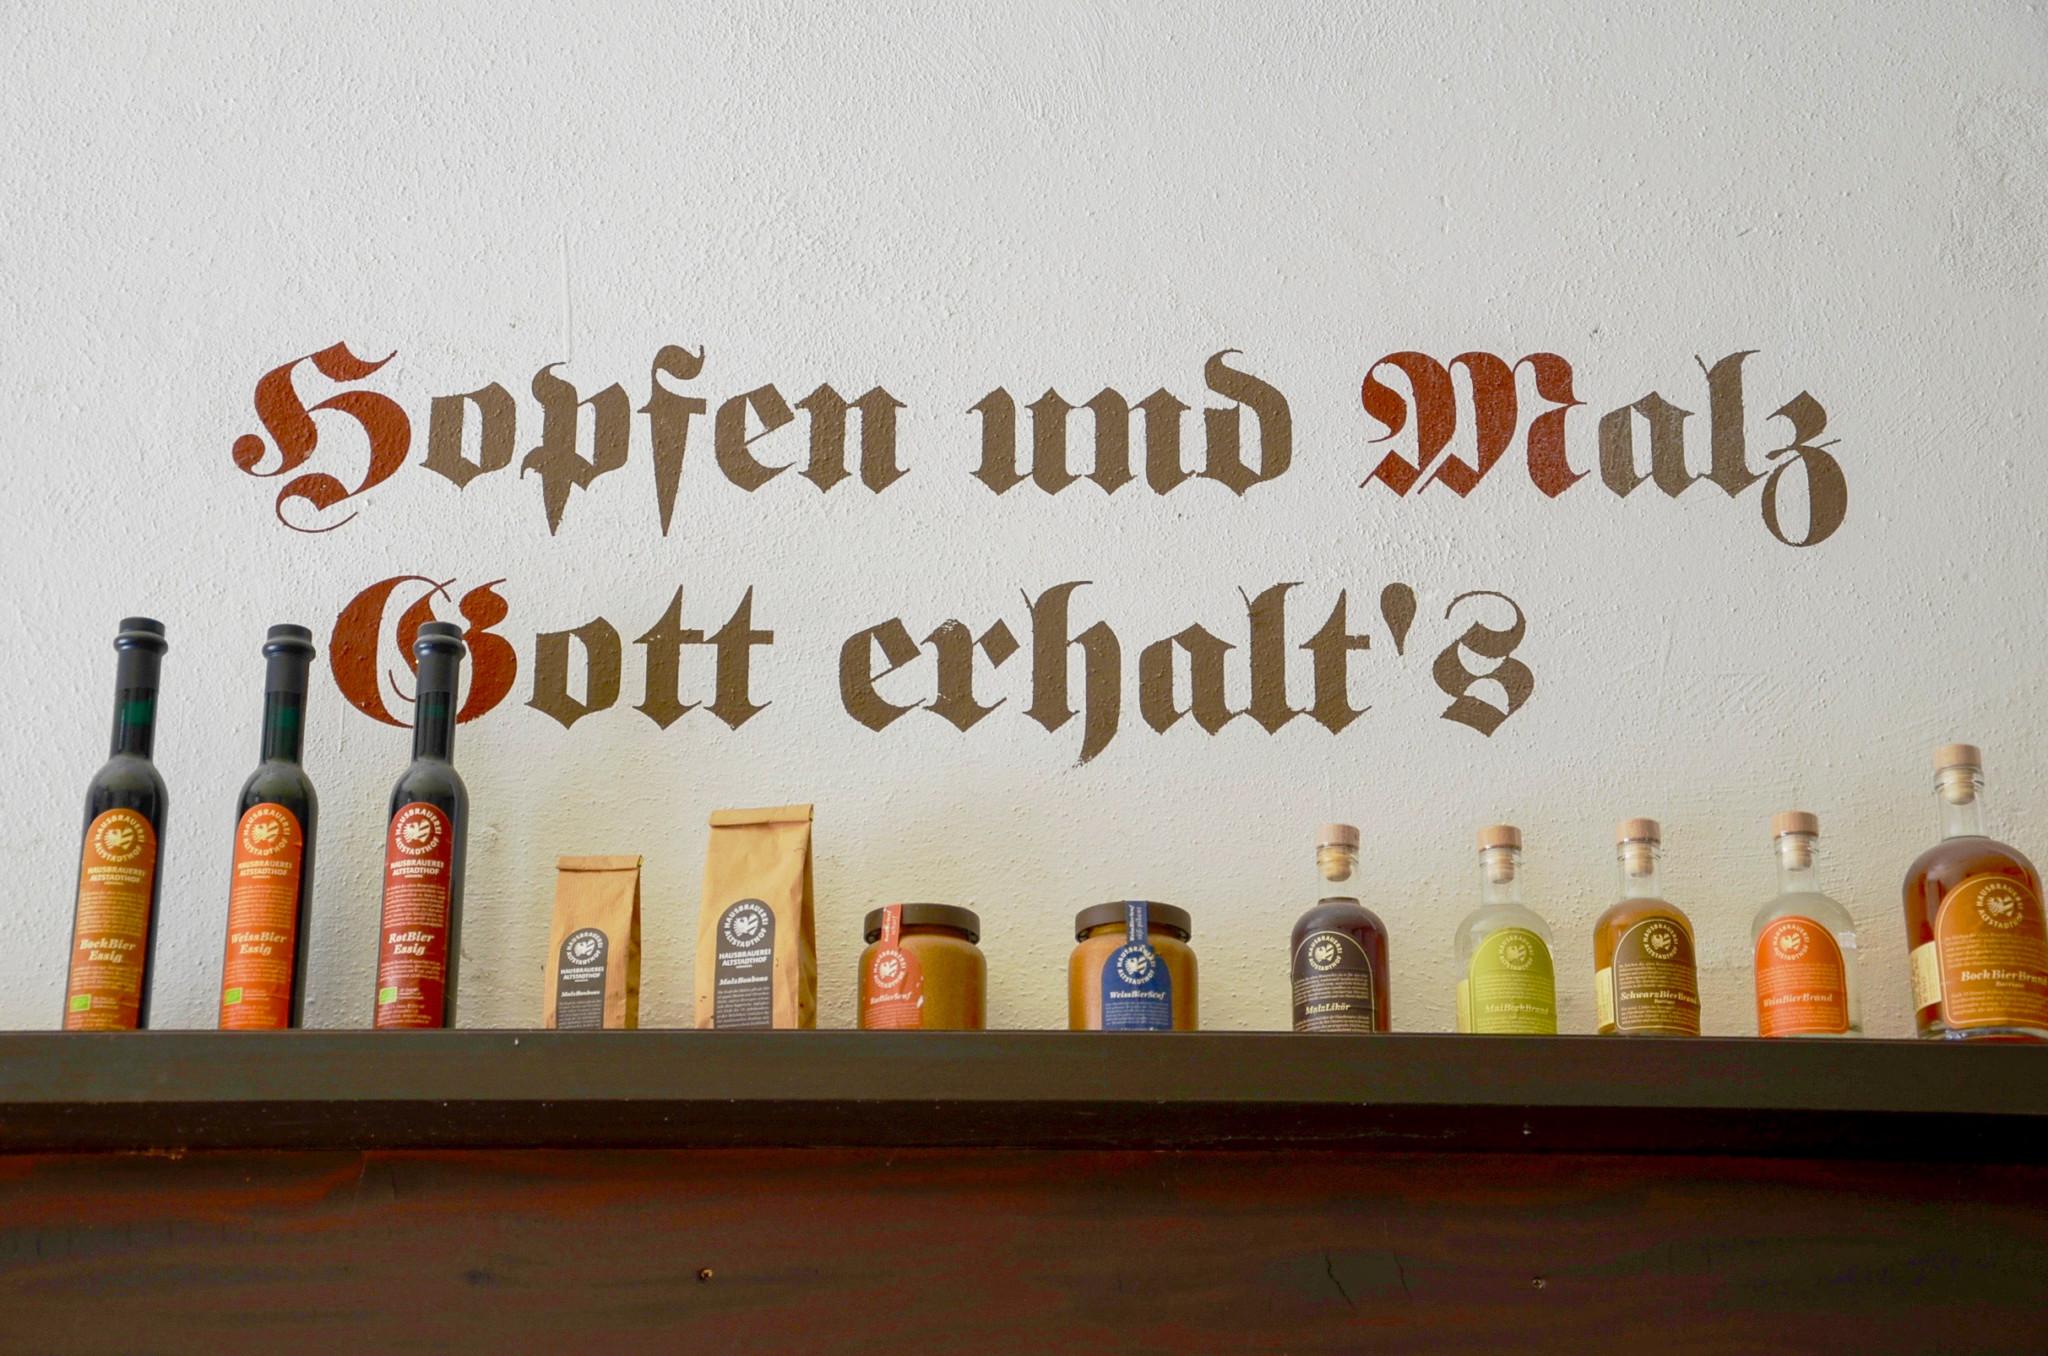 Der bekannte Bierspruch an einer Wand in Nürnberg